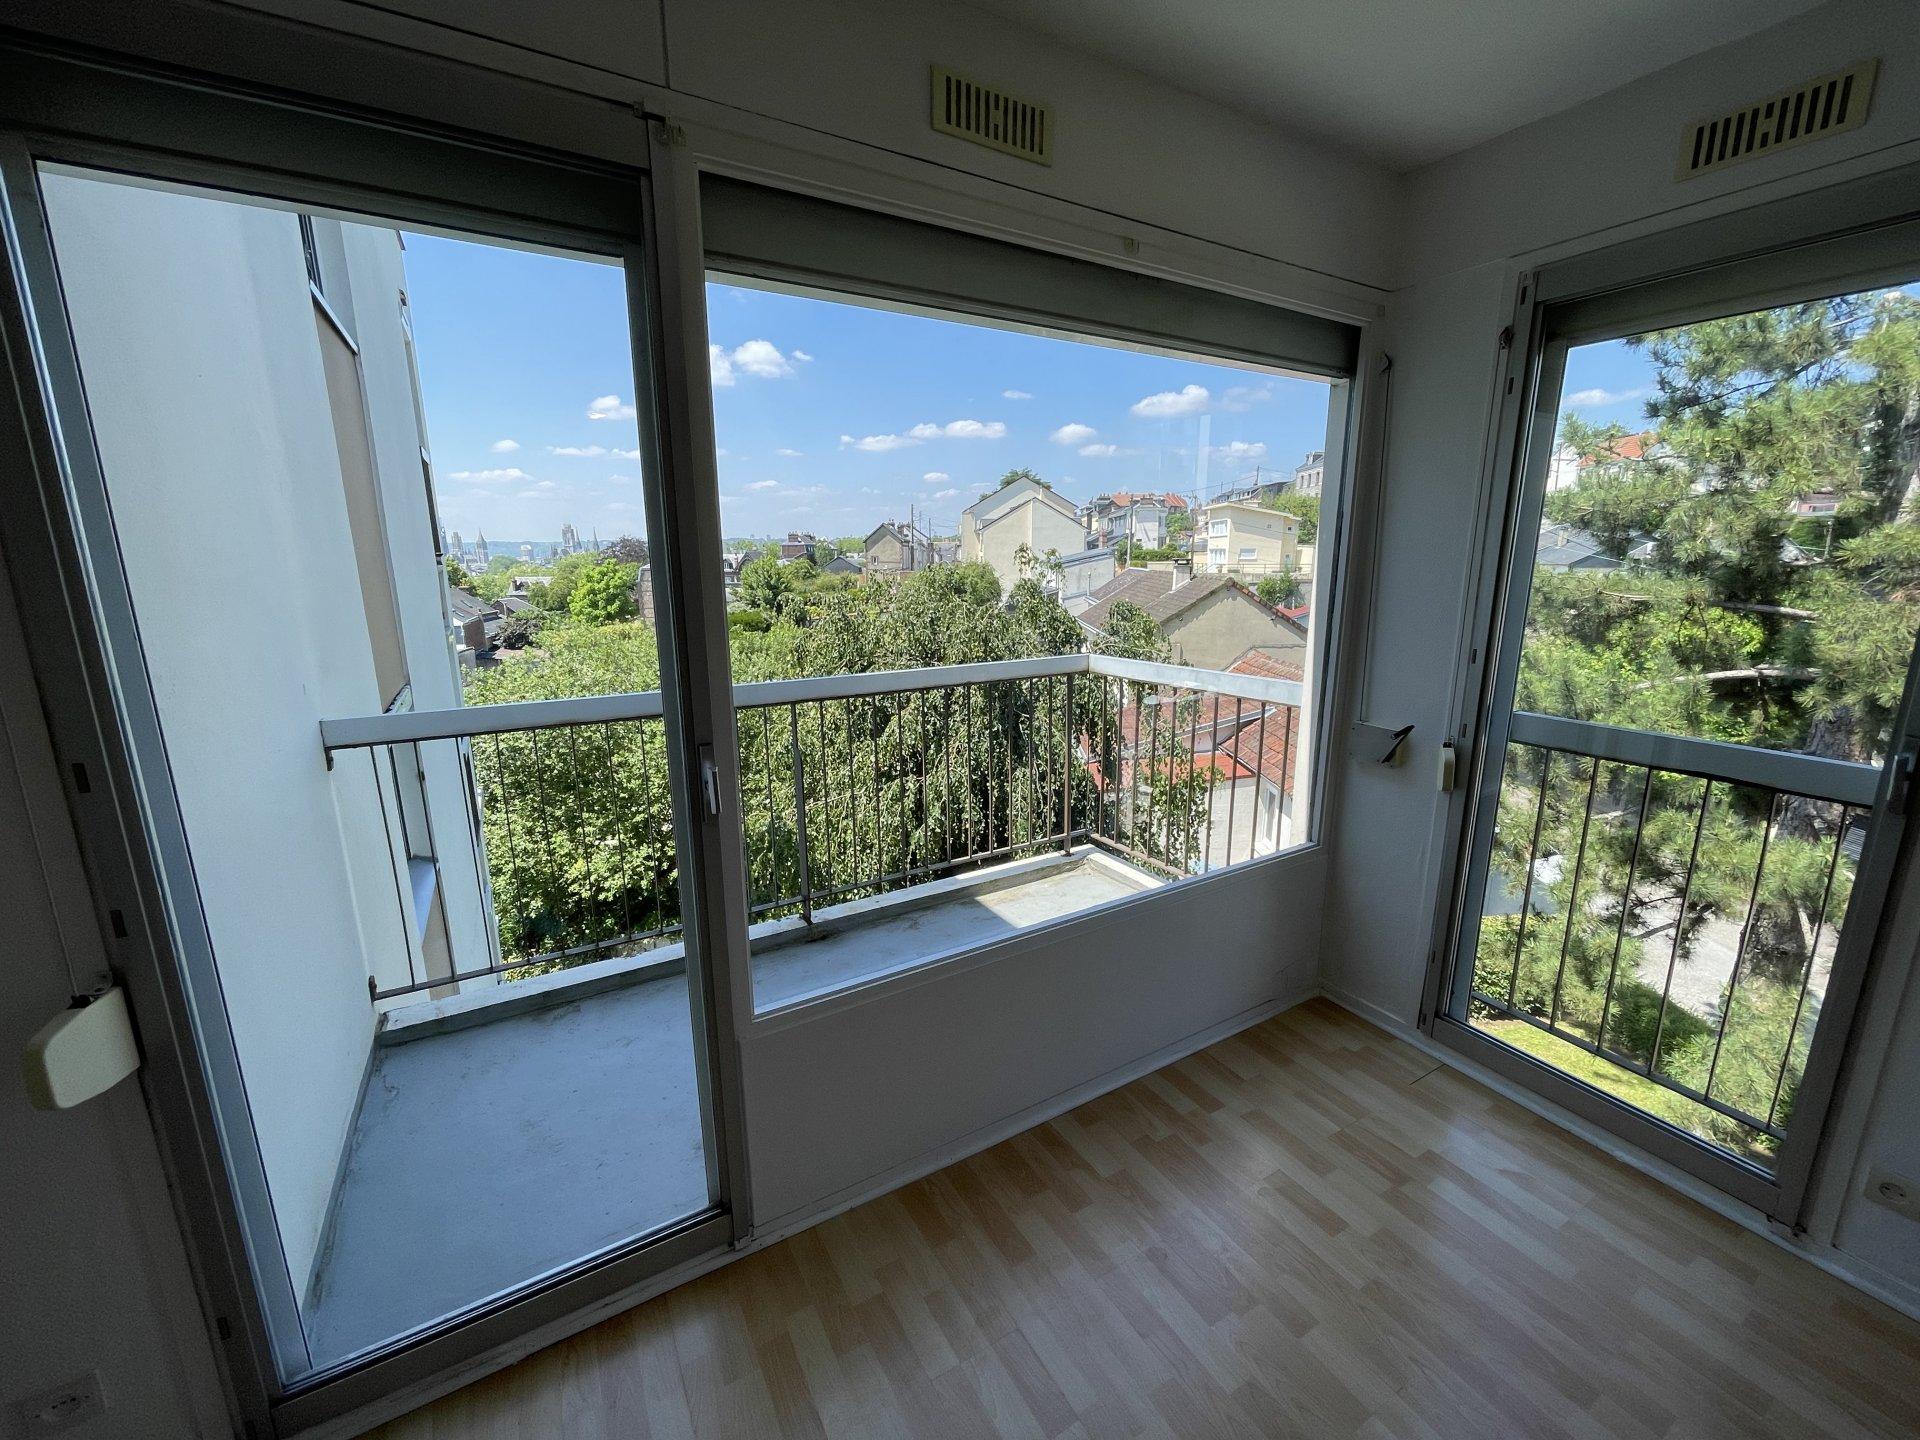 Sale Apartment - Rouen Descroizilles